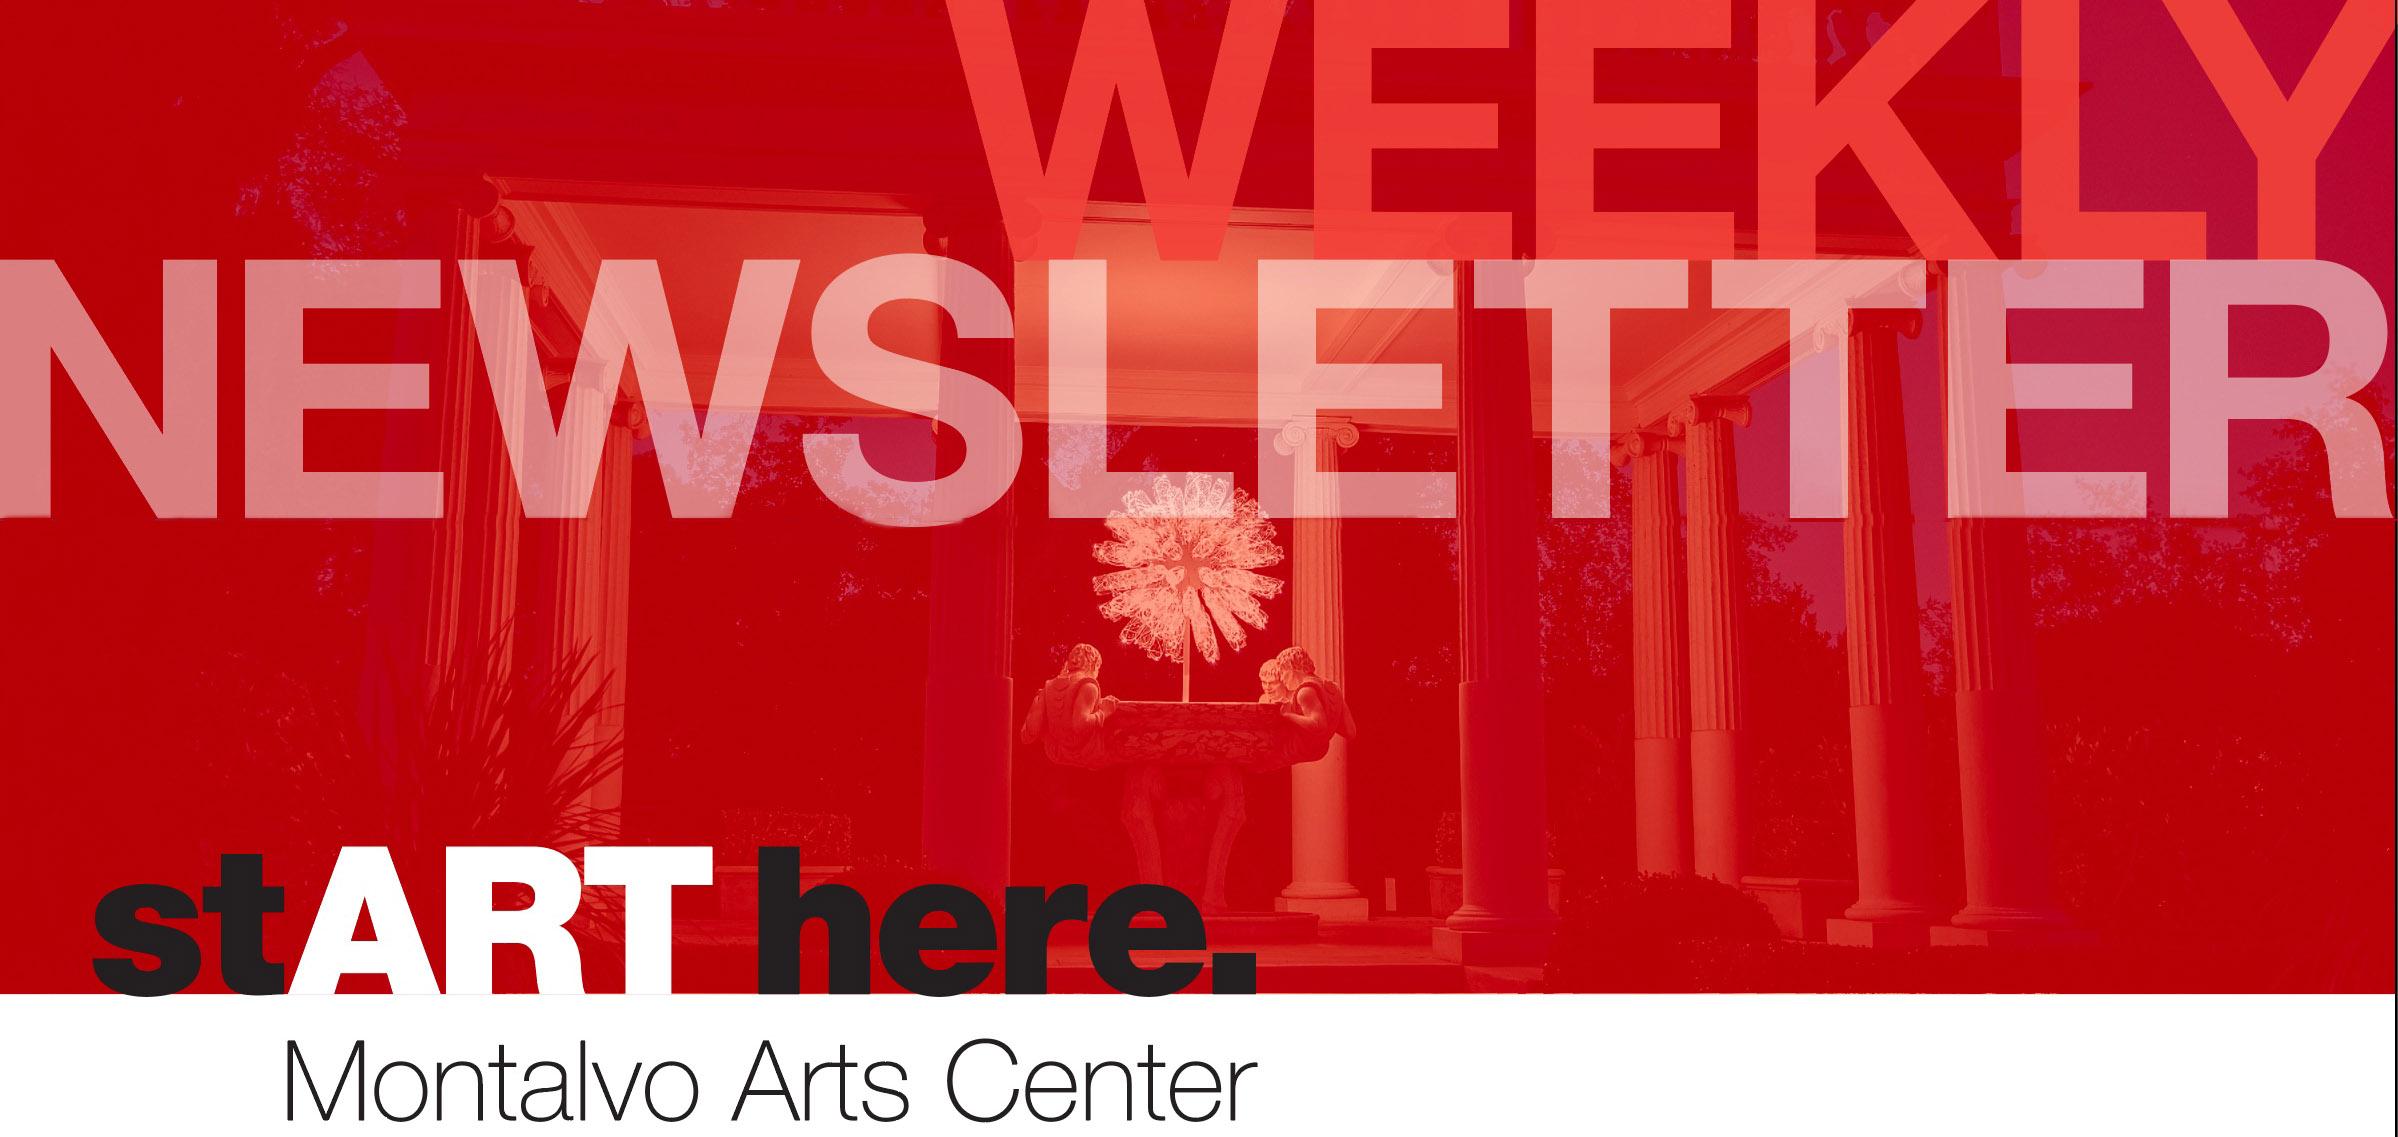 Montalvo Arts Center Weekly Newsletter